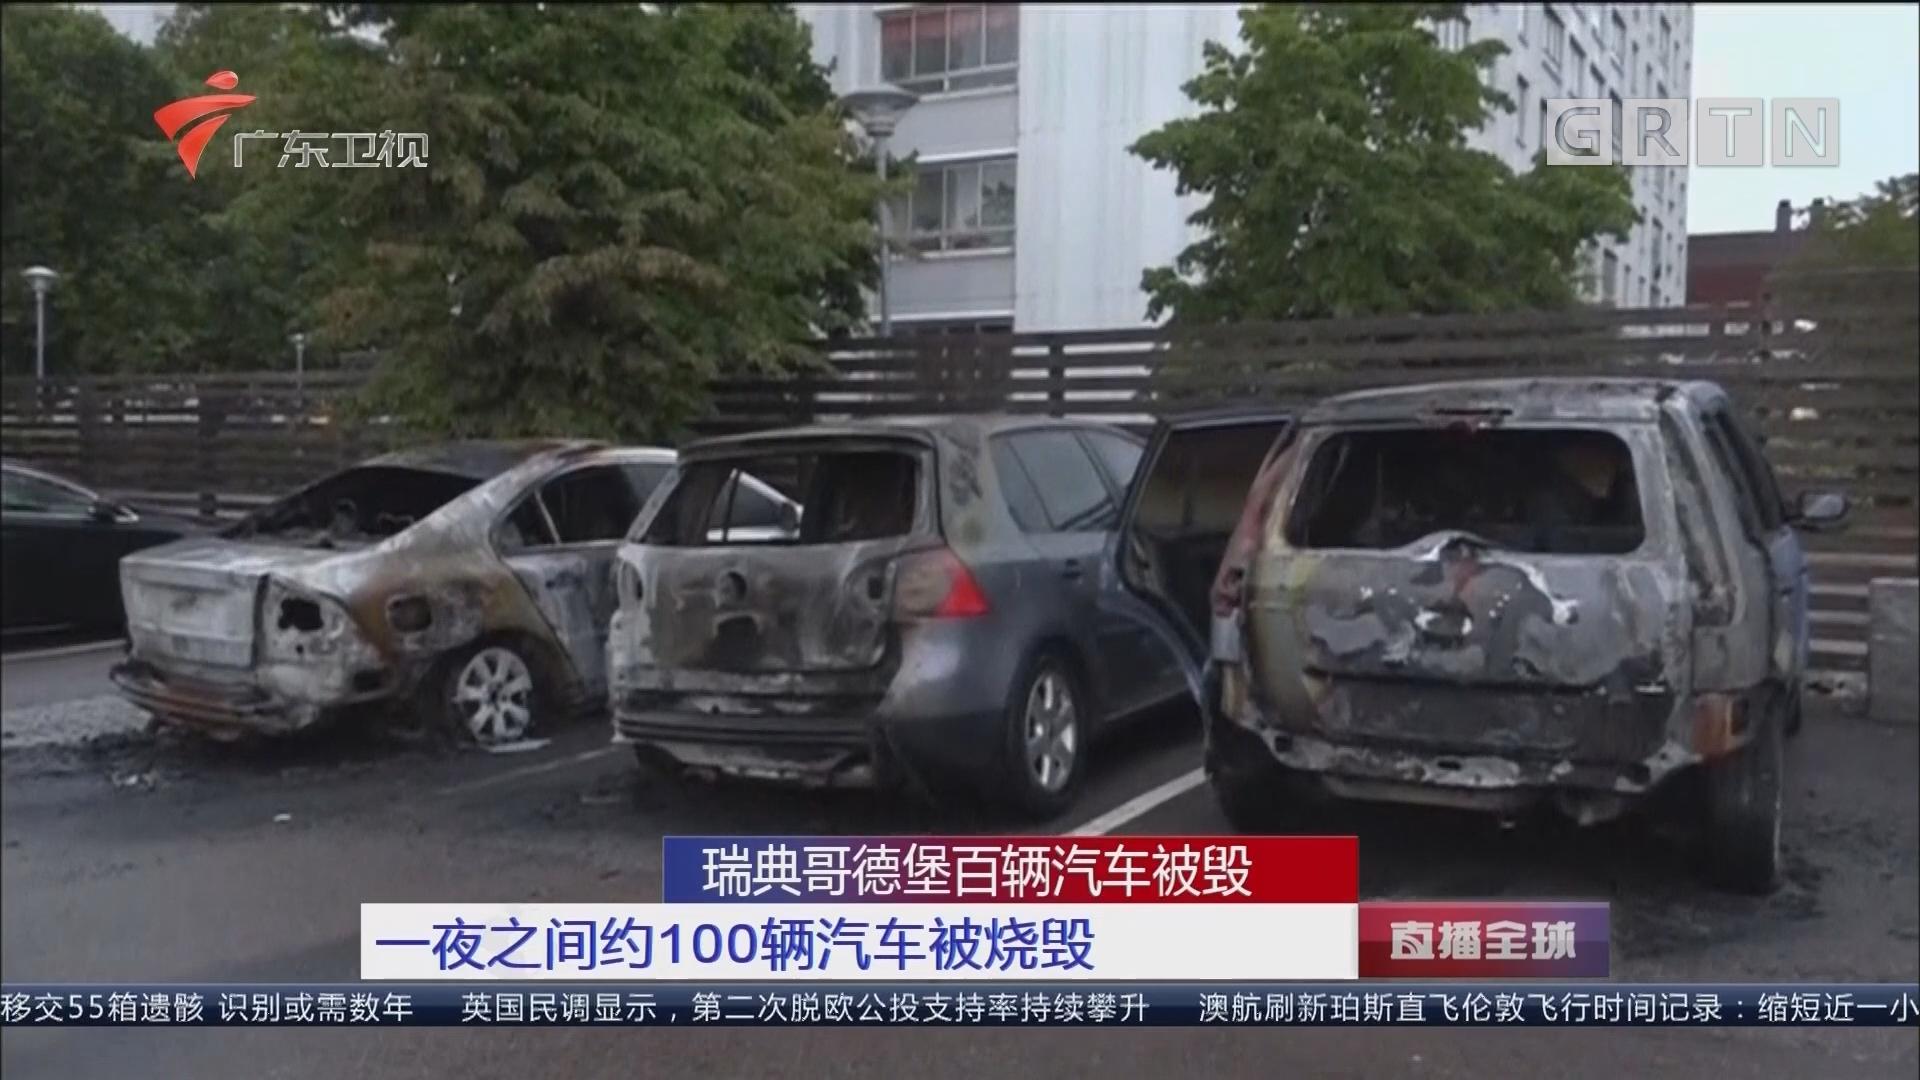 瑞典哥德堡百辆汽车被毁:一夜之间约100辆汽车被烧毁